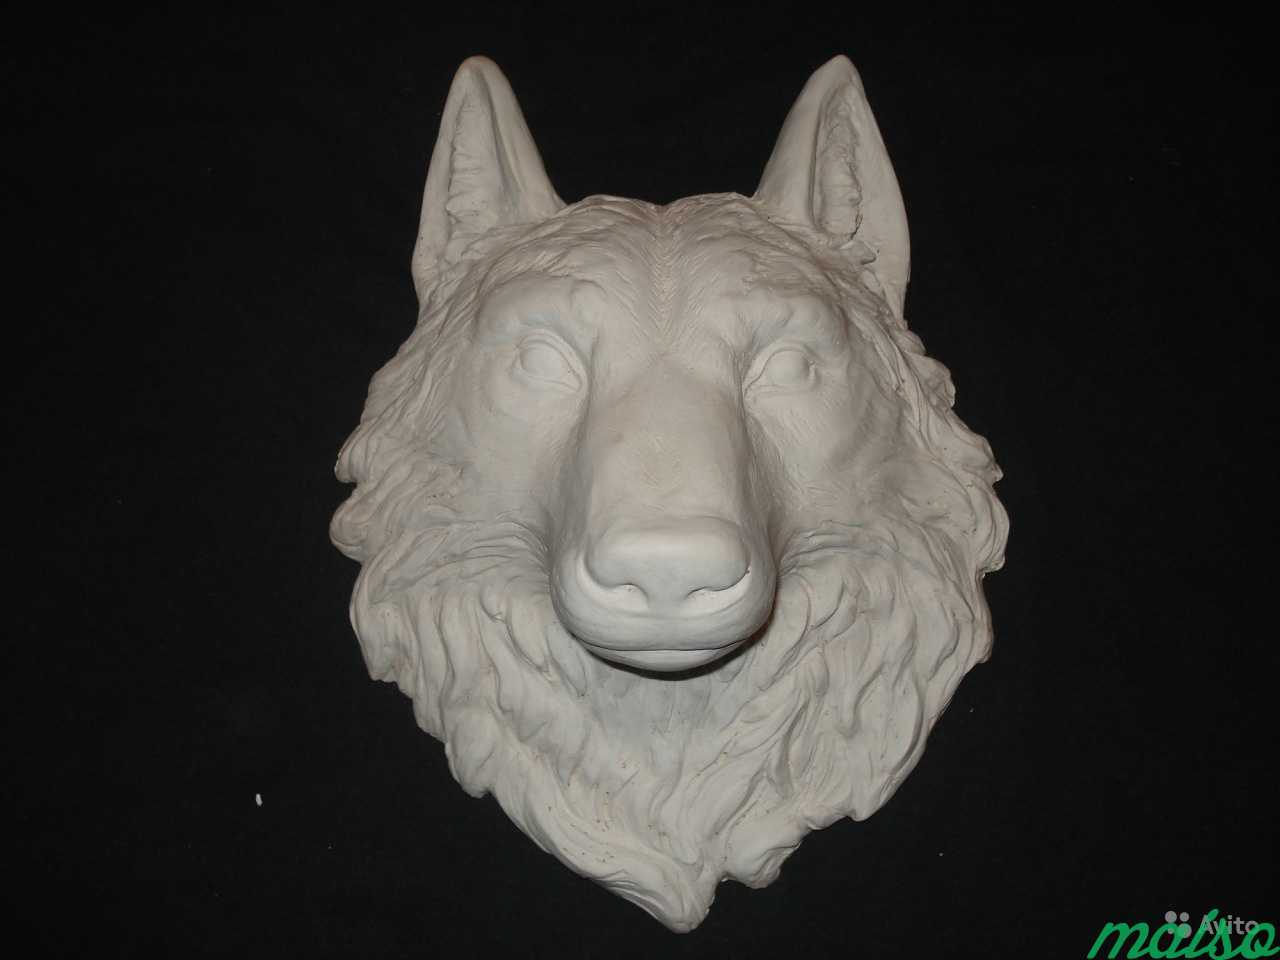 Барельеф Голова волка в Москве. Фото 1